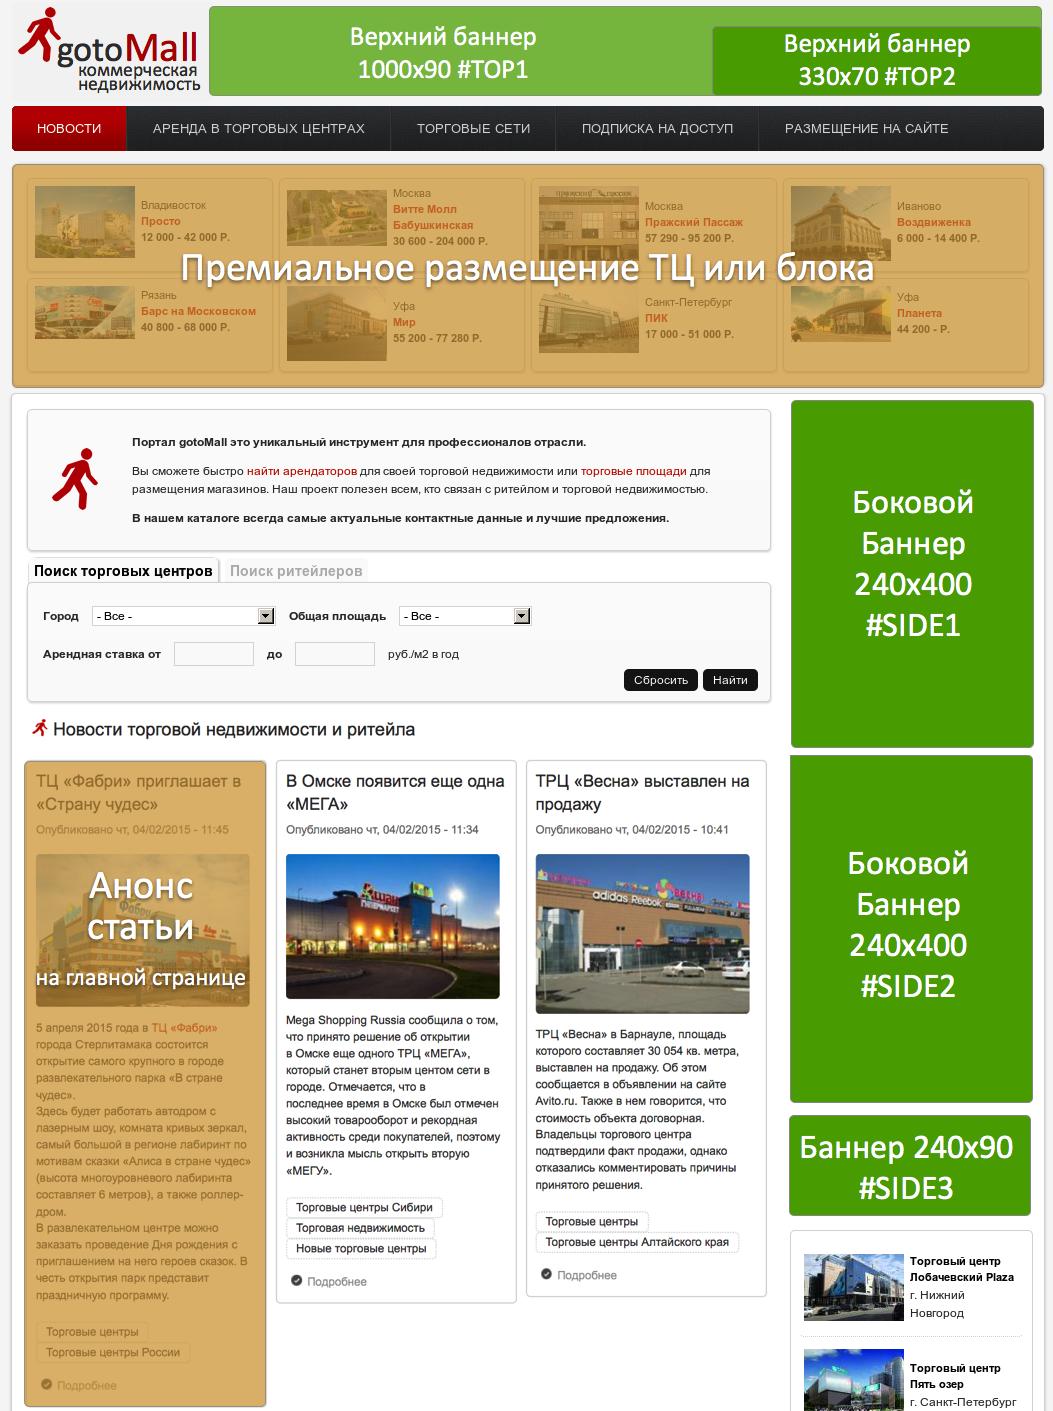 Тв новости экономики россии